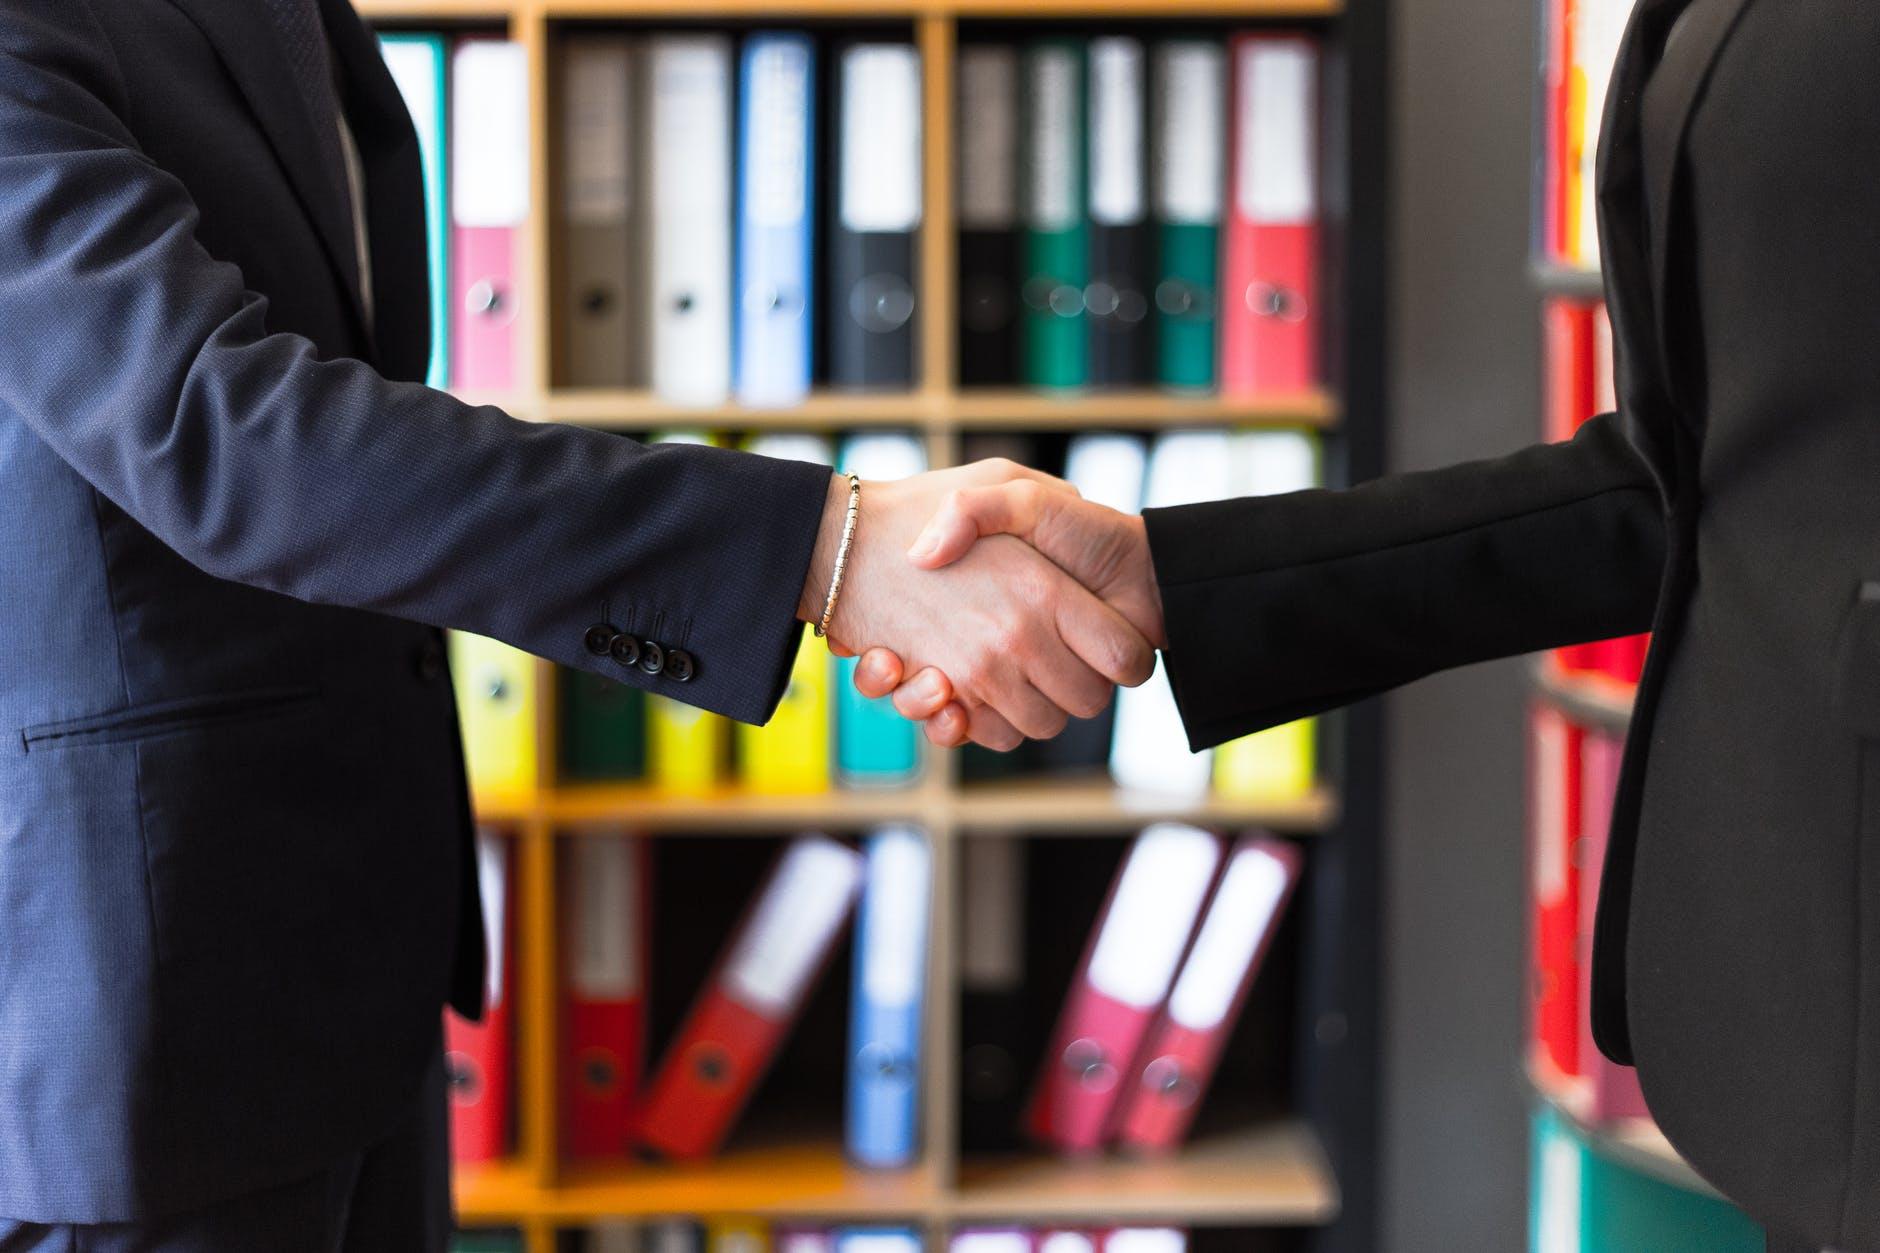 Яндекс направил 280 млн рублей на поддержку малого и среднего бизнеса в апреле